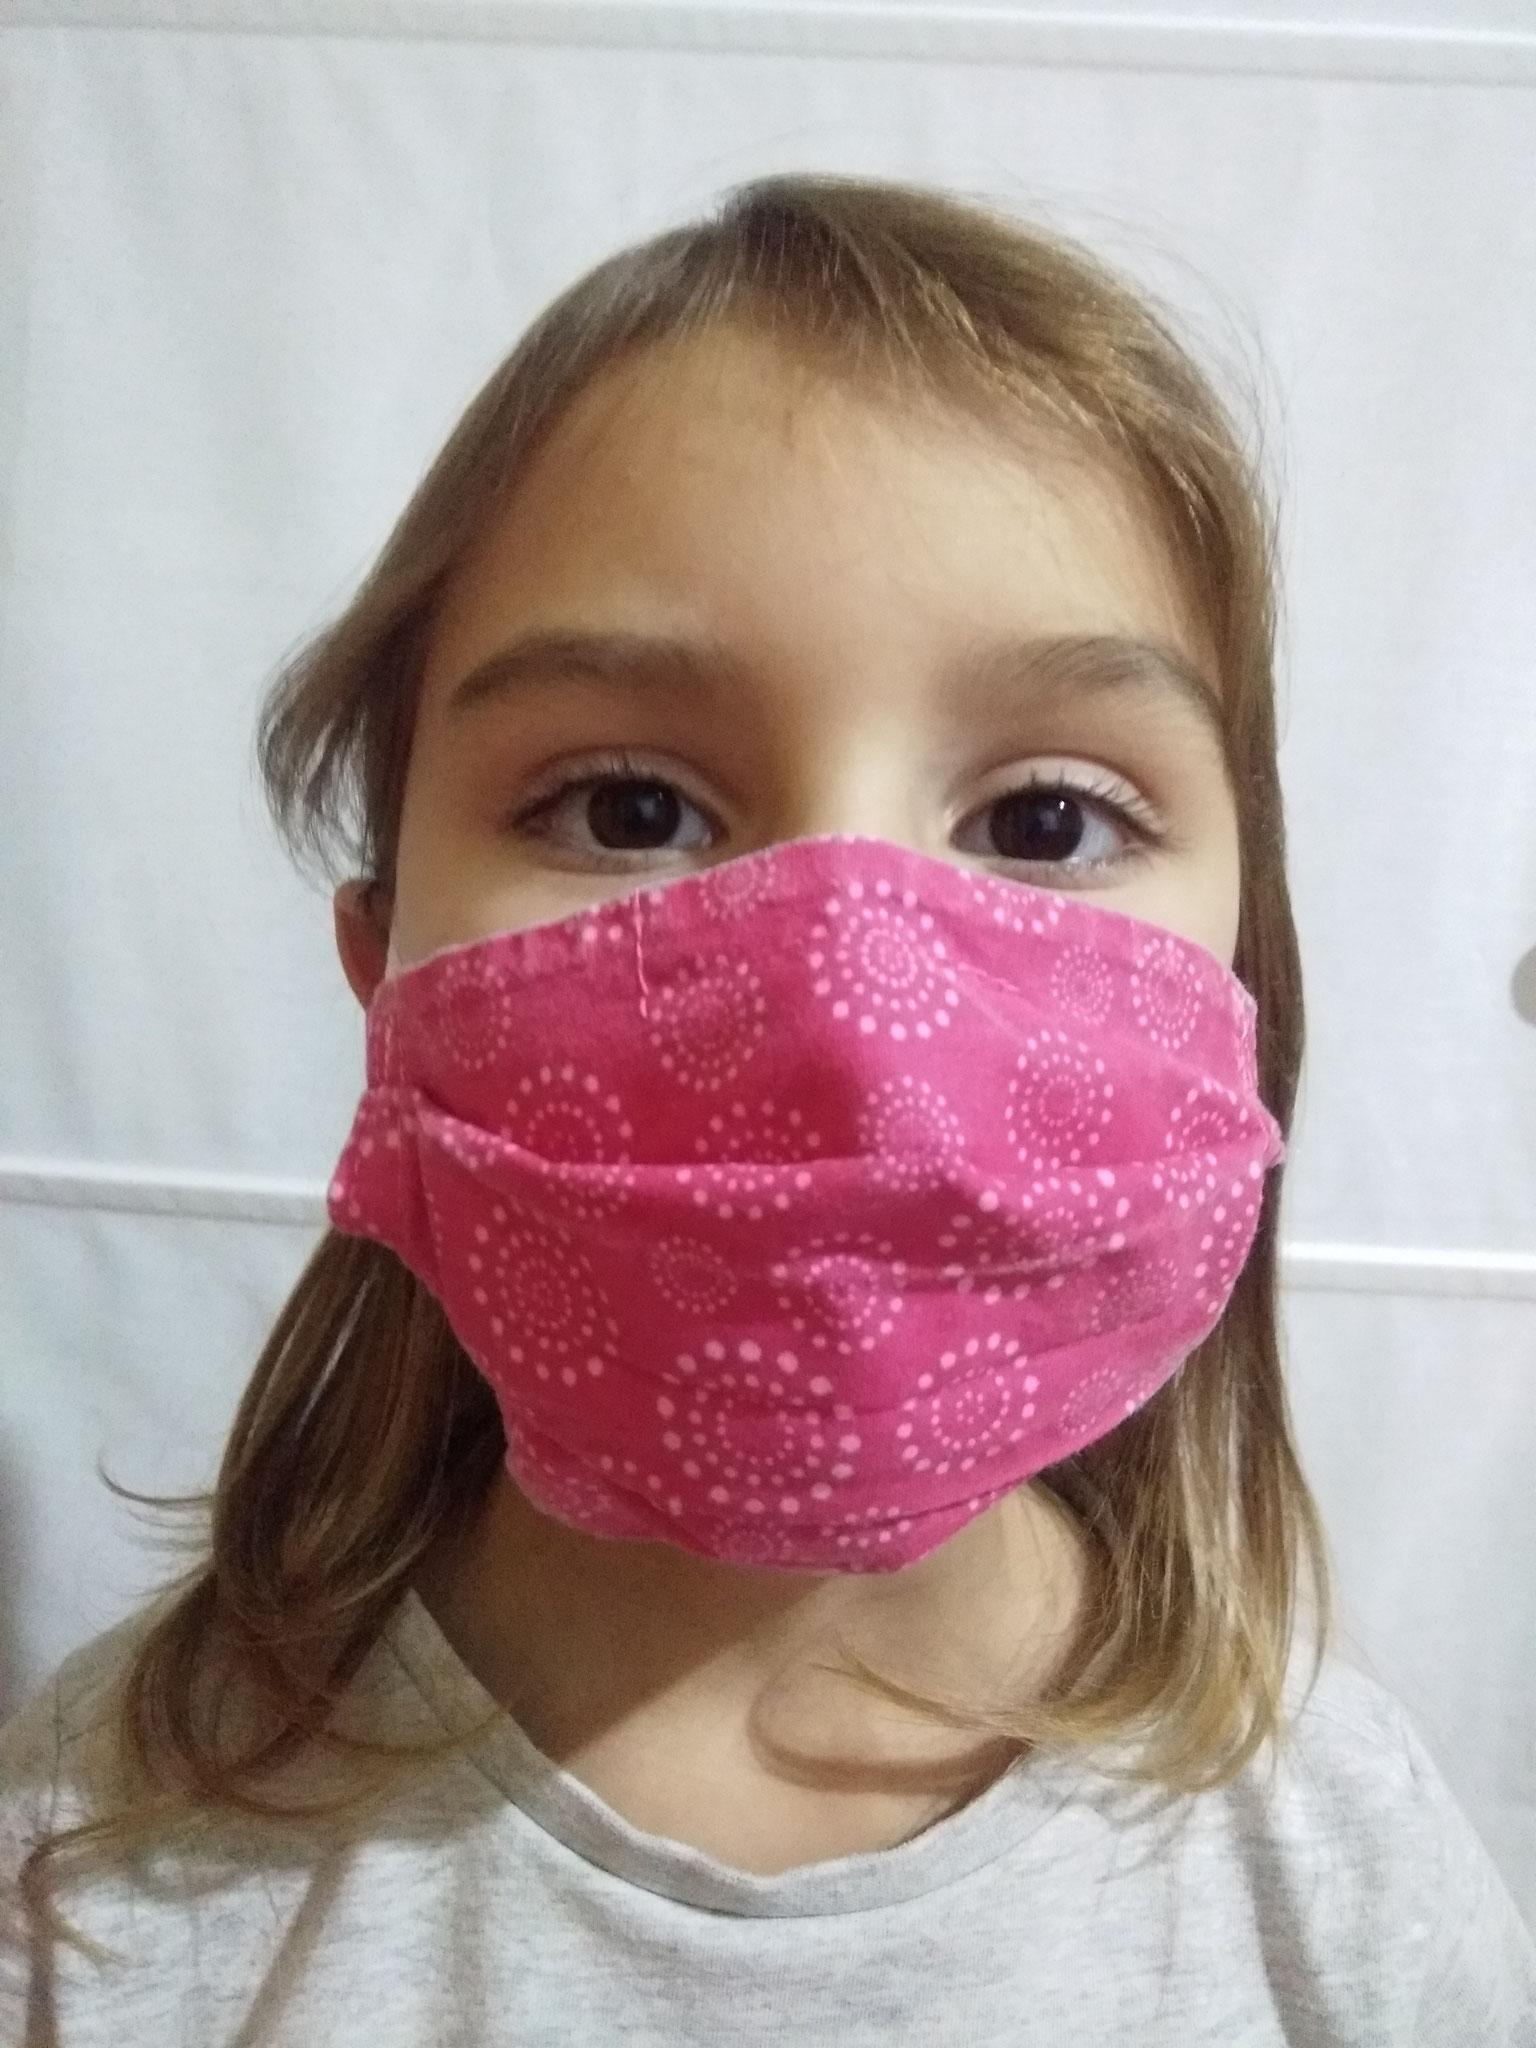 Masque STANDARD ENFANT sur enfant de 5 ans